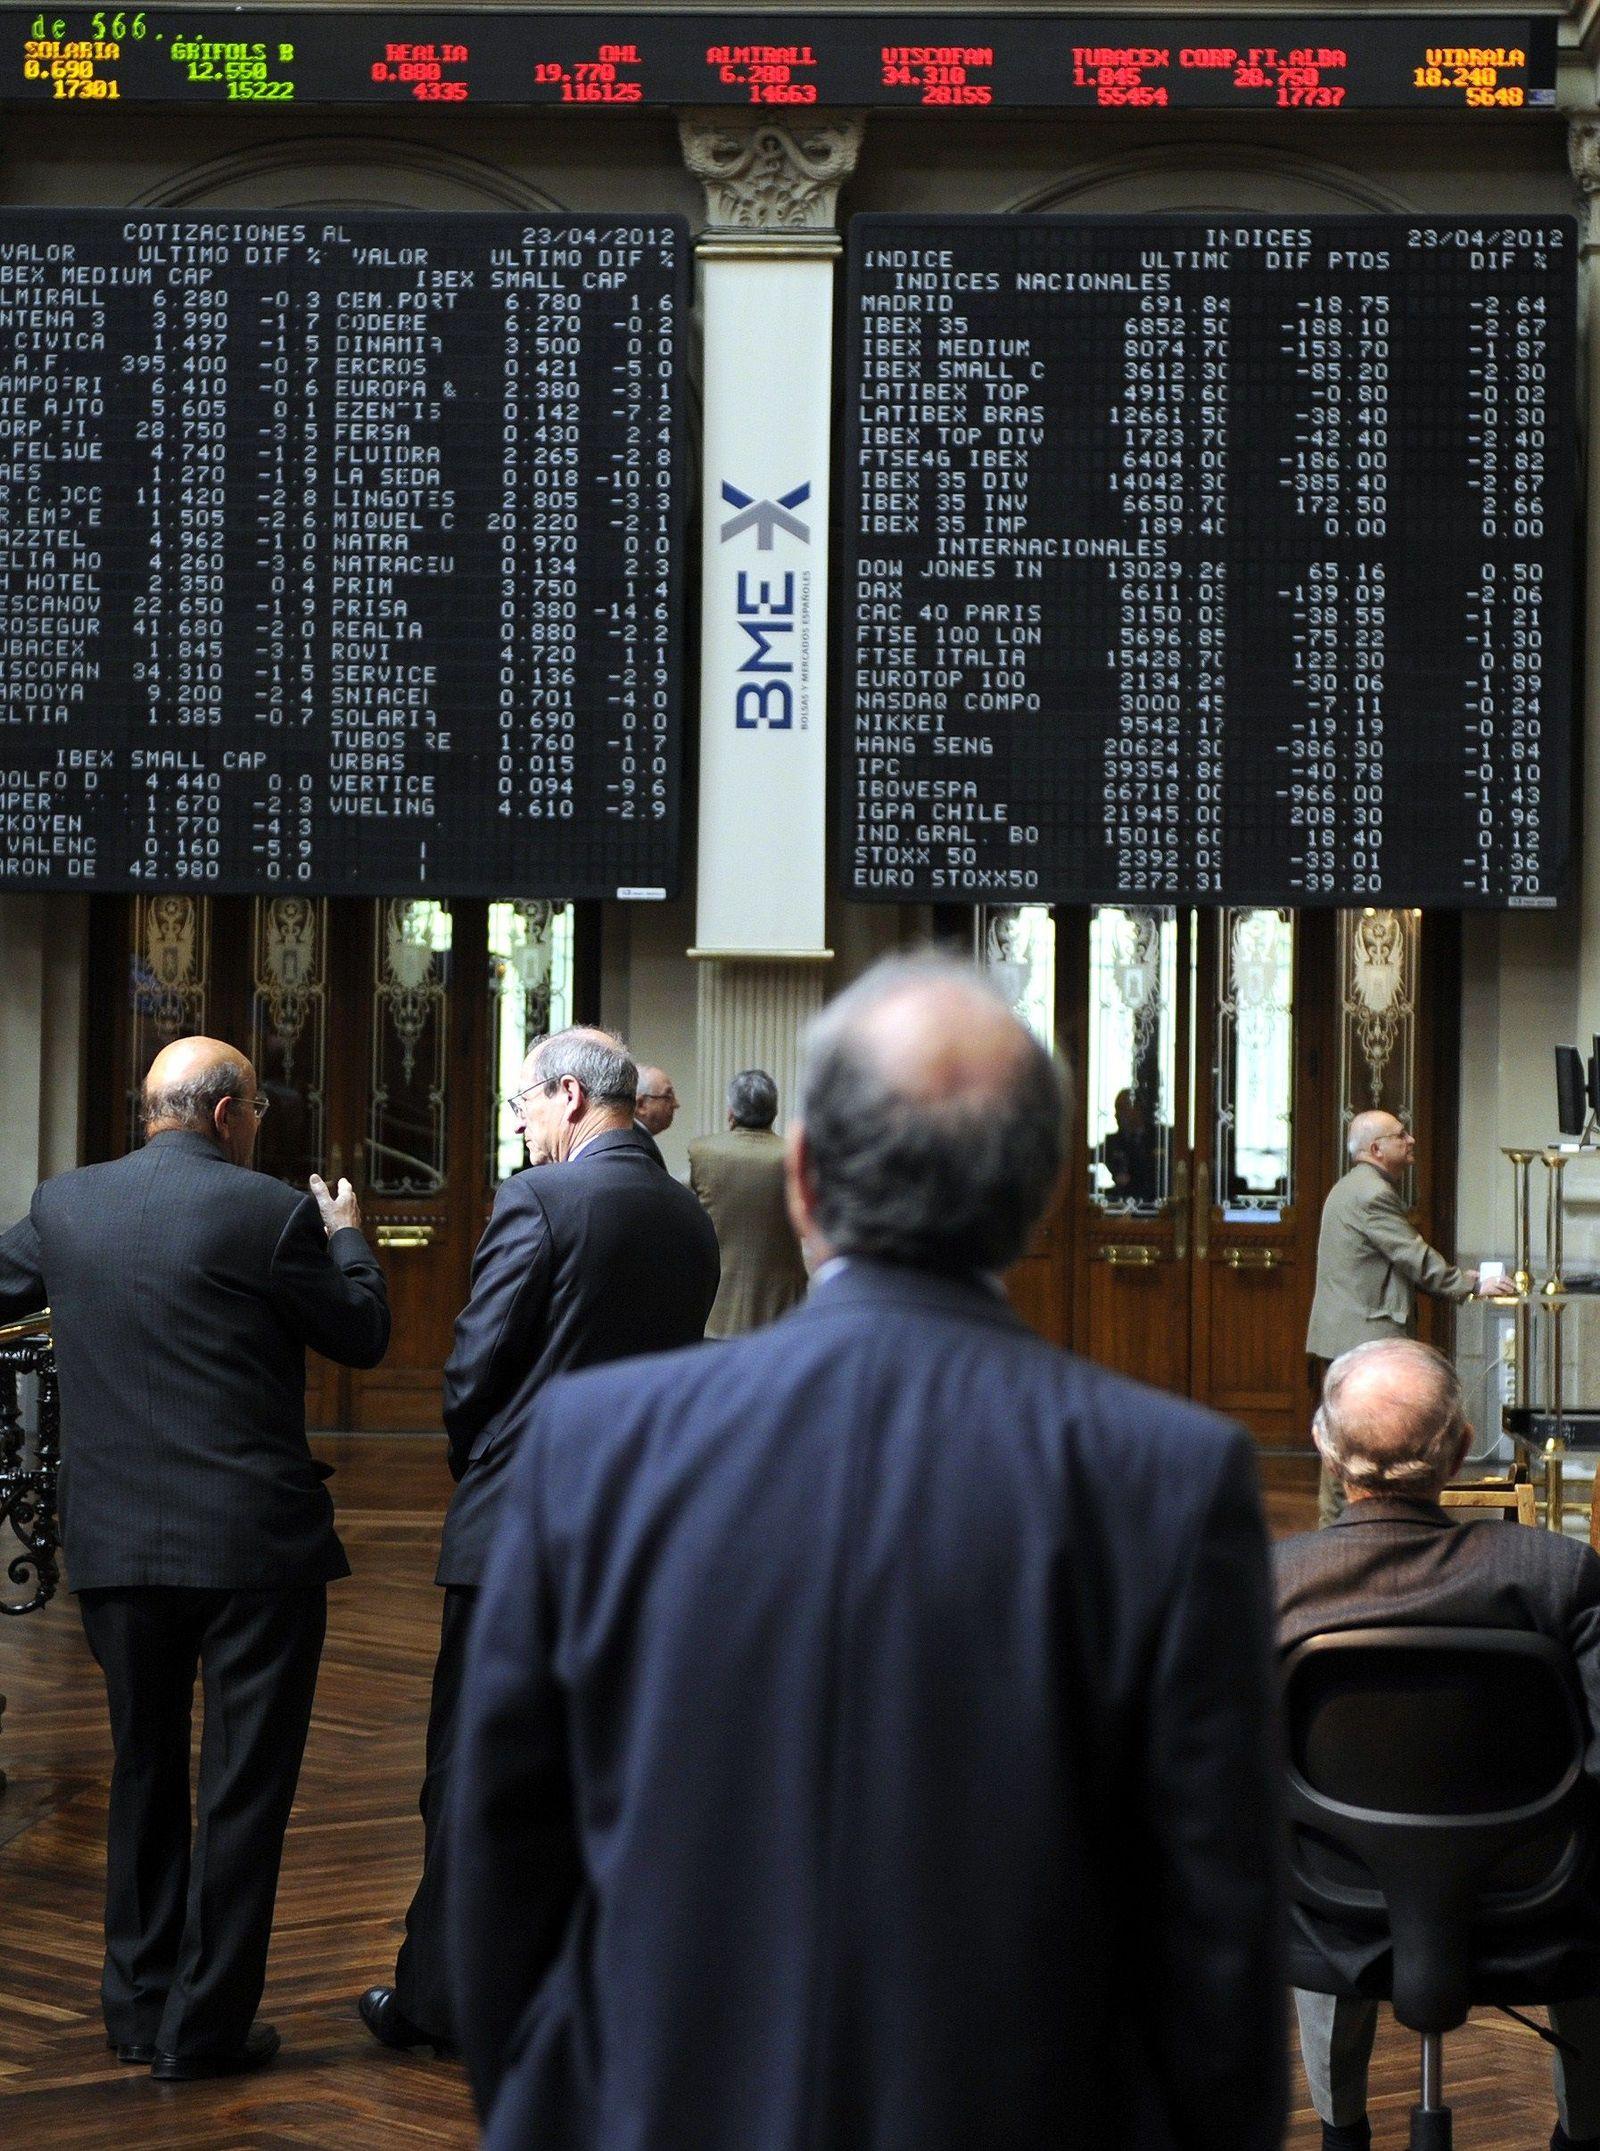 Börse Madrid/ Spanien